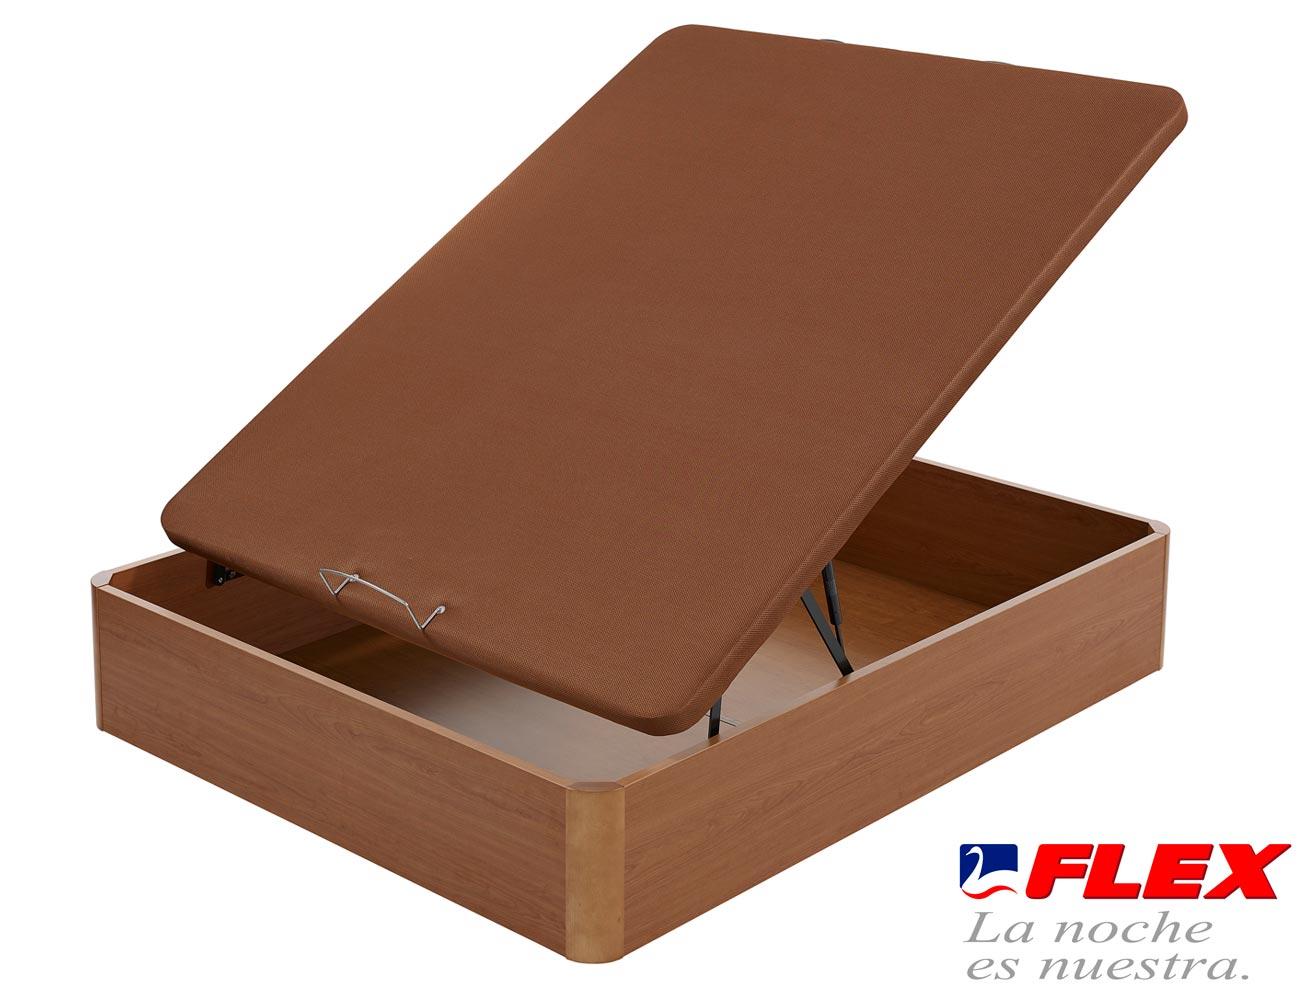 Canape flex madera abatible tapa3d 8313